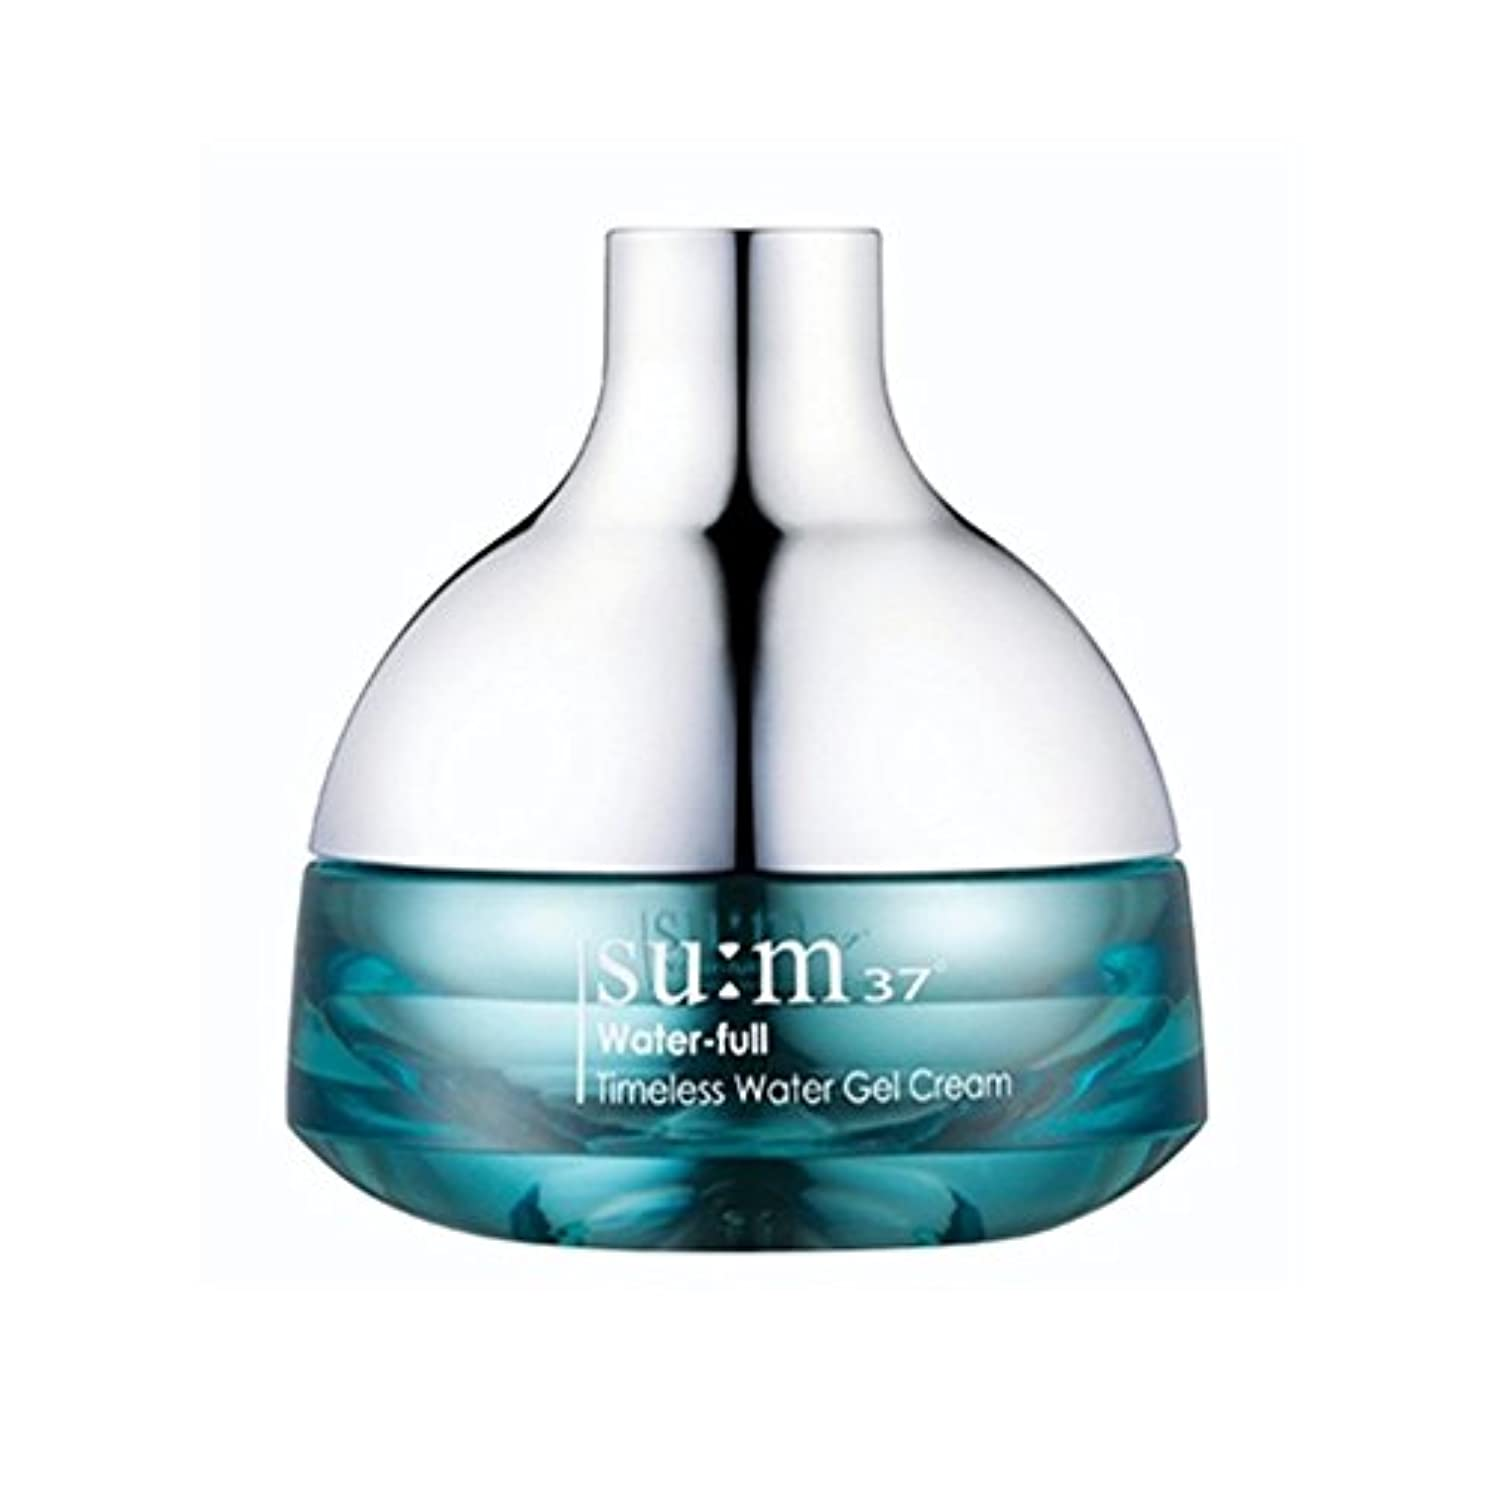 ラベル掻く球体[su:m37/スム37°] SUM37 Water-full Timeless Water Gel Cream 50ml/WF07 sum37 ウォータフル タイムレス ウォータージェルクリーム 50ml +[Sample...